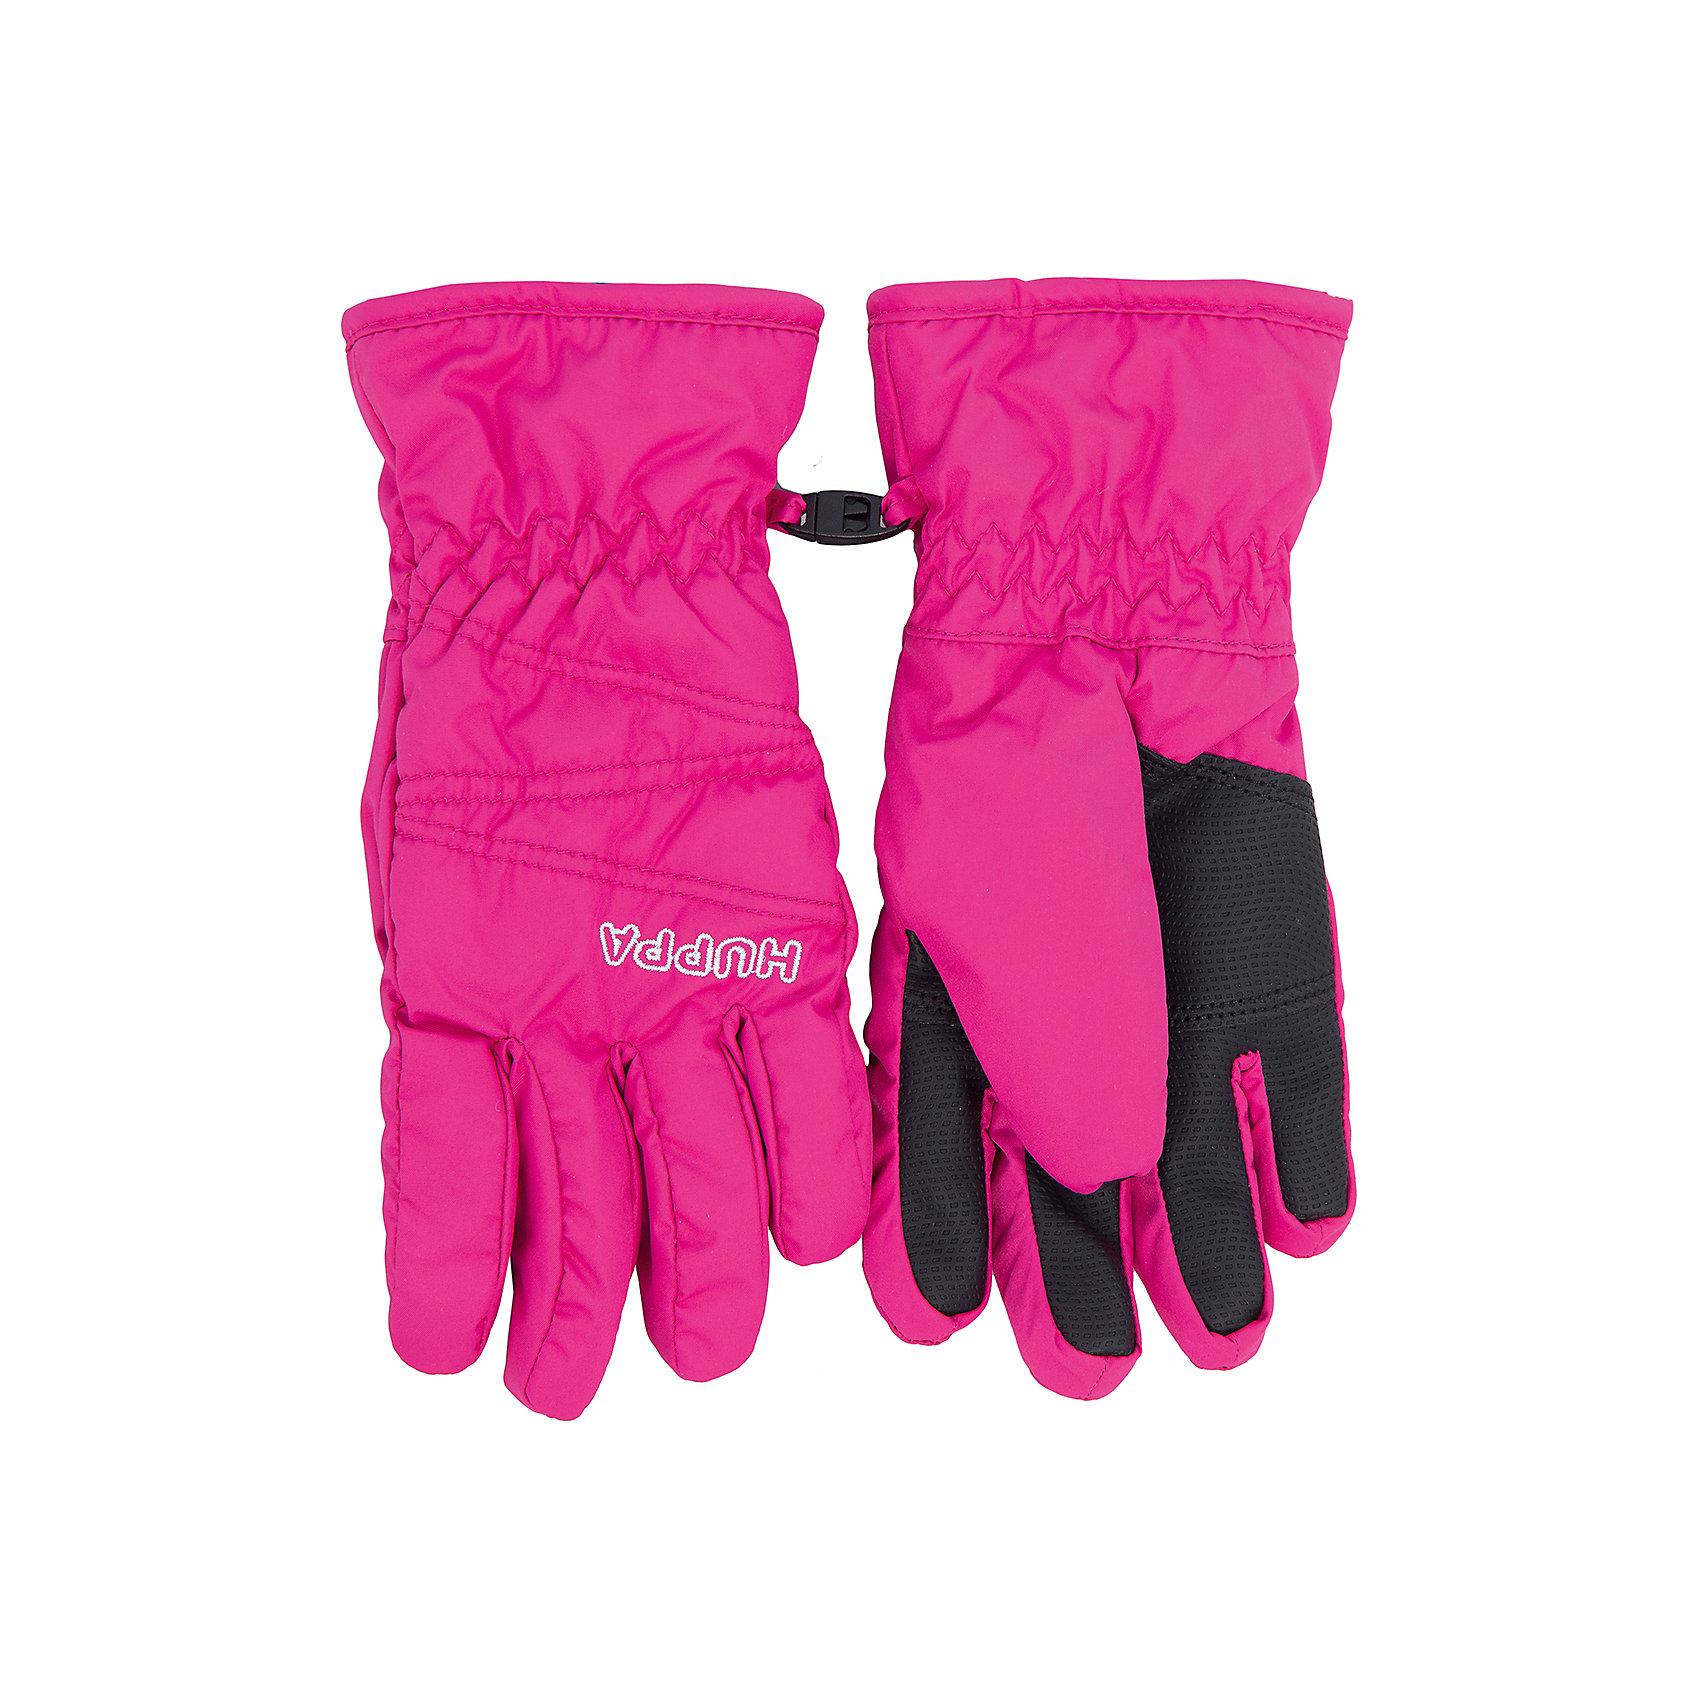 Перчатки Huppa KeranПерчатки, варежки<br>Характеристики товара:<br><br>• модель: Keran;<br>• цвет: розовый;<br>• состав: 100% полиэстер; <br>• подкладка: 100% полиэстер, флис;<br>• утеплитель: 90 г/м2;<br>• сезон: зима;<br>• температурный режим: от 0°С до -20°С;<br>• водонепроницаемость: 5000 мм;<br>• воздухопроницаемость: 5000 мм;<br>• водо- и ветронепроницаемый, дышащий материал;<br>• усиленная вставка на ладони;<br>• светоотражающие детали;<br>• страна бренда: Финляндия;<br>• страна изготовитель: Эстония.<br><br>Теплые зимние перчатки на флисовой подкладке. Материал водонепроницаем, что позволит сохранить ручки сухими. Перчатки с усилением на ладони.<br><br>Перчатки Huppa Keran (Хуппа) можно купить в нашем интернет-магазине.<br><br>Ширина мм: 162<br>Глубина мм: 171<br>Высота мм: 55<br>Вес г: 119<br>Цвет: розовый<br>Возраст от месяцев: 24<br>Возраст до месяцев: 36<br>Пол: Женский<br>Возраст: Детский<br>Размер: 3,8,7,6,5,4<br>SKU: 4923754